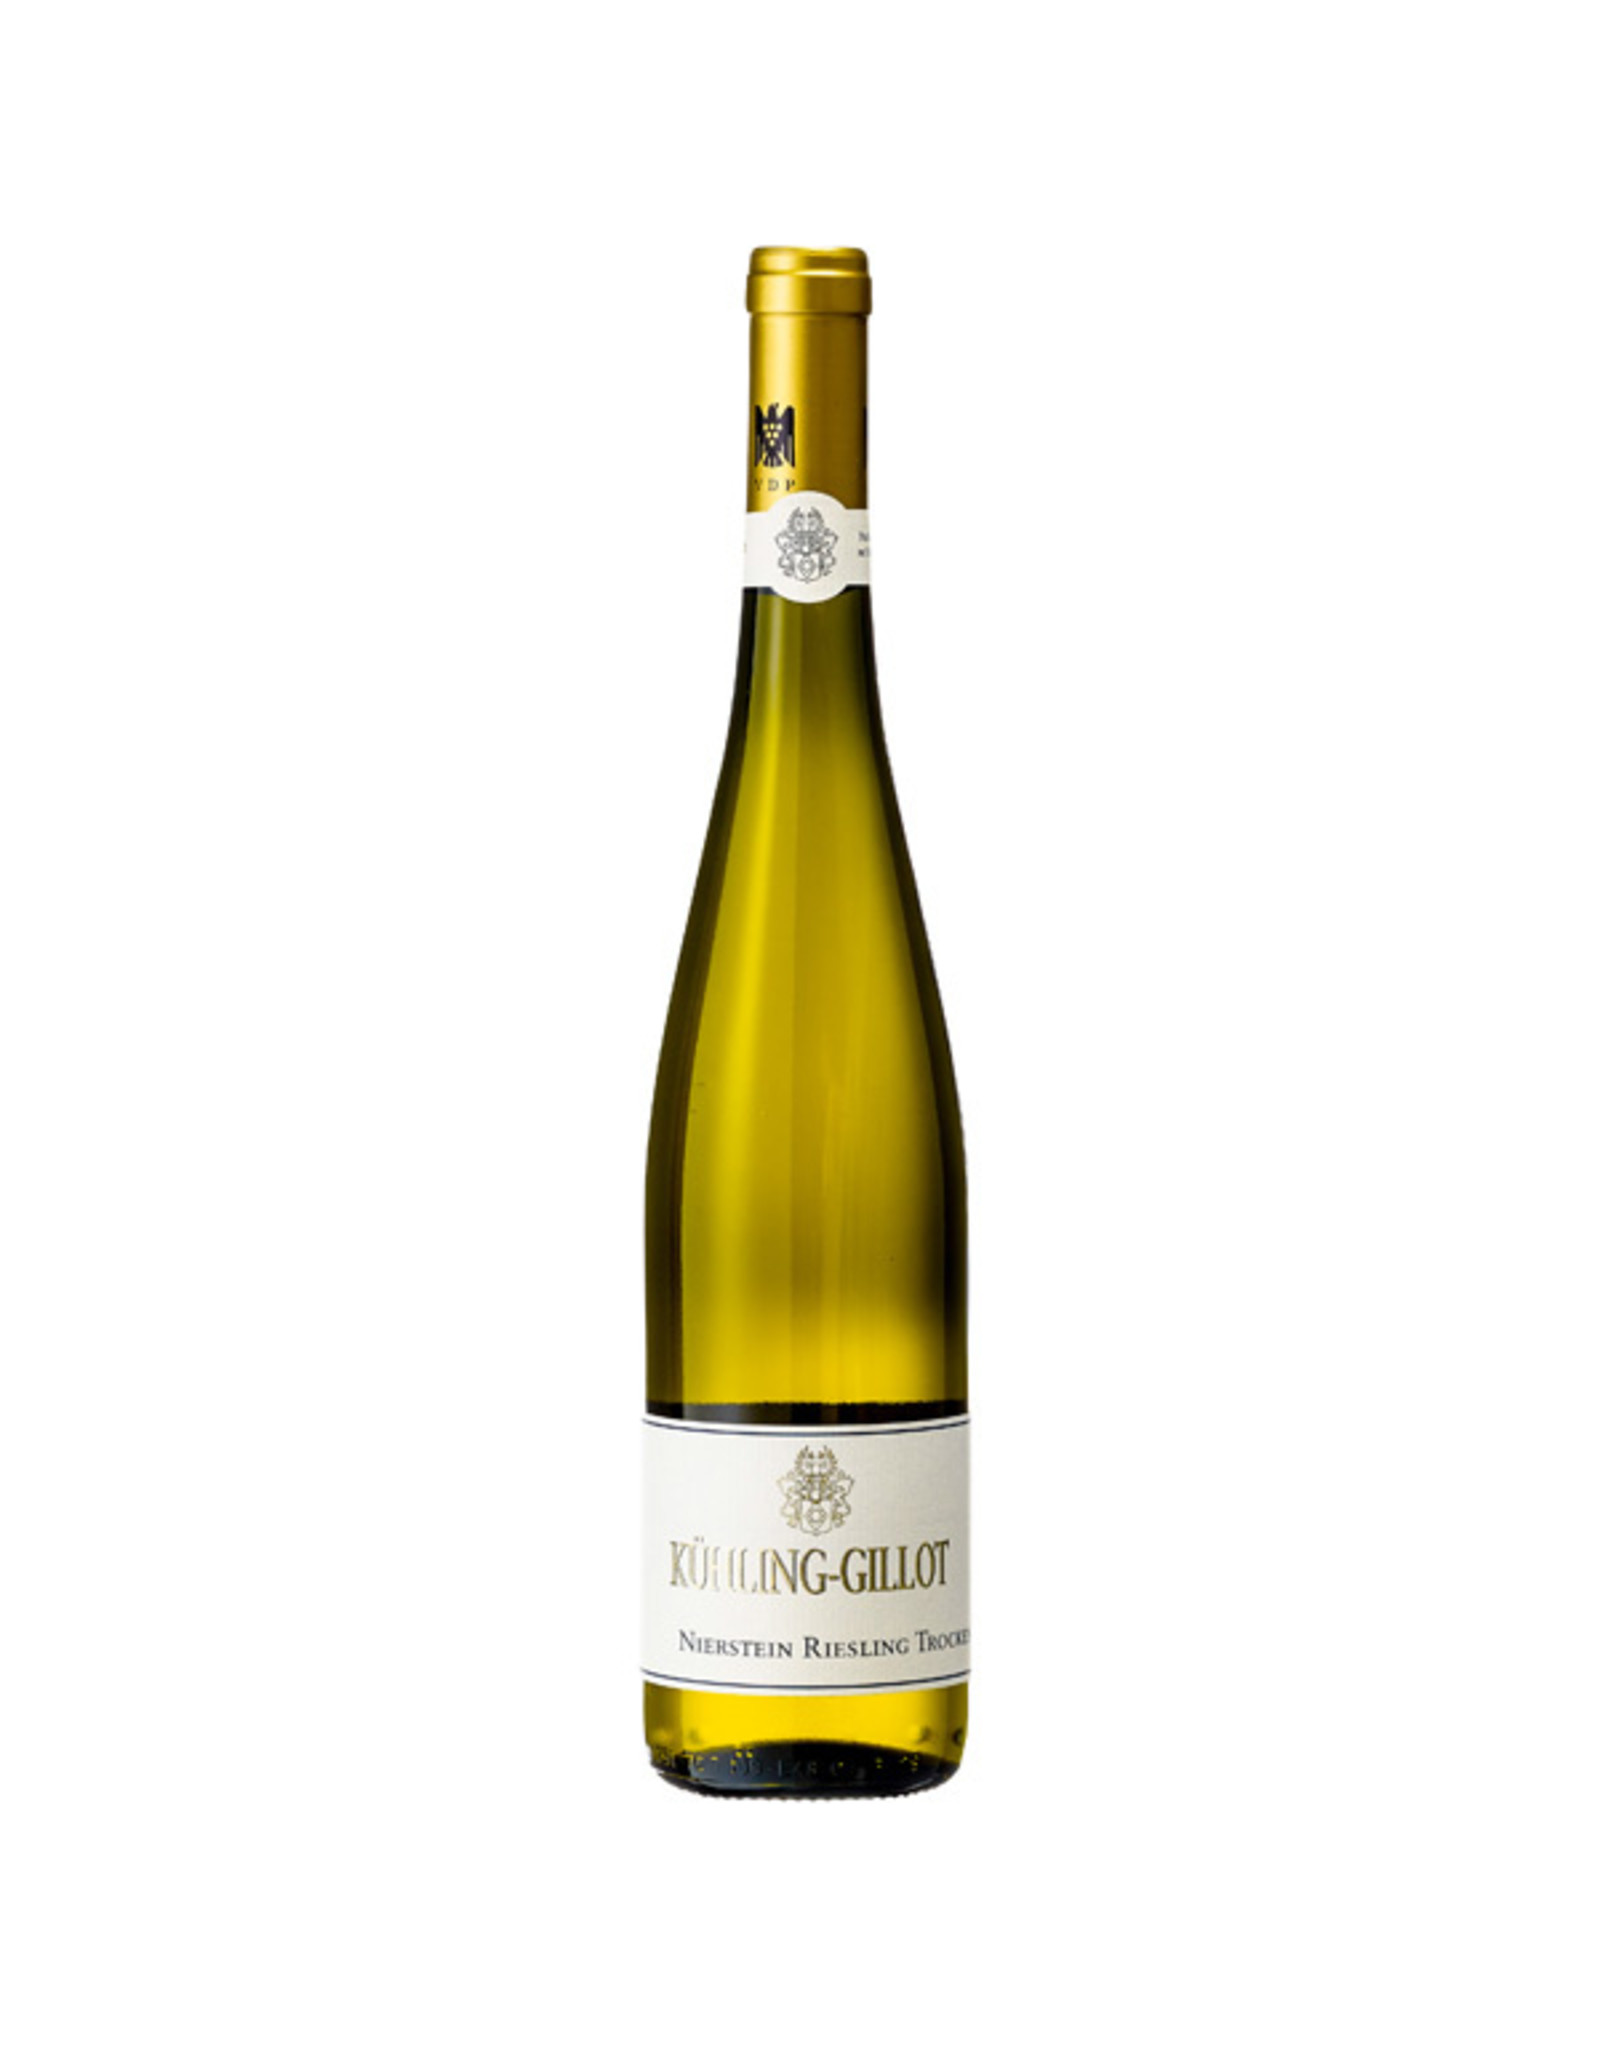 Weingut Kühling-Gillot, Bodenheim Kuhling Gillot Nierstein 2017